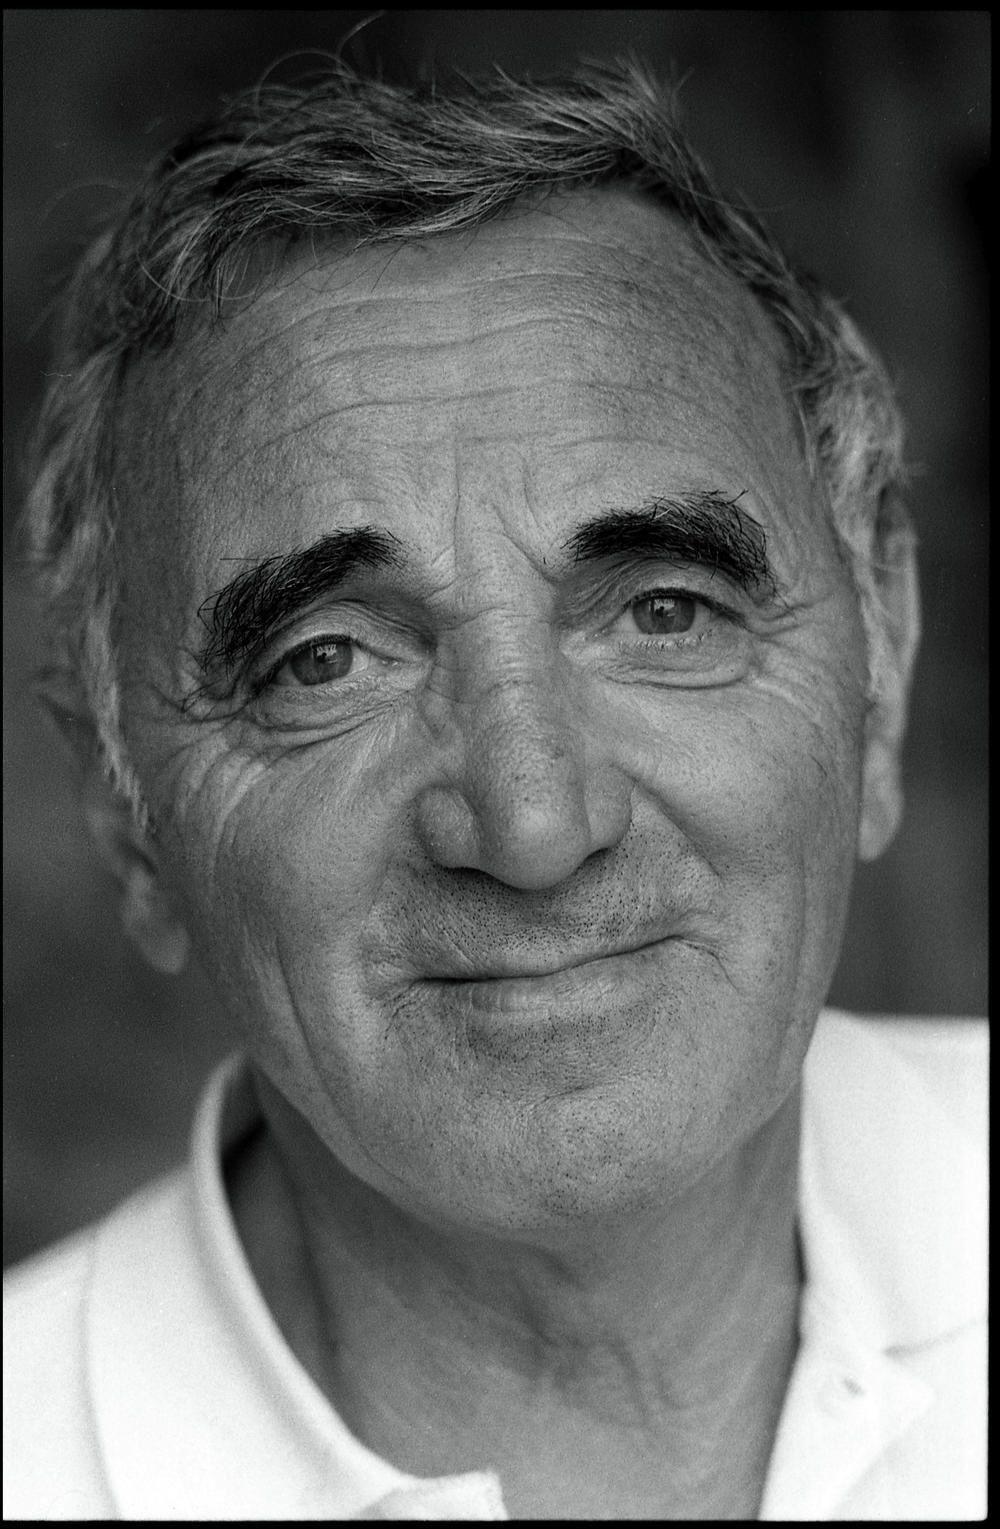 Bon Voyage Monsieur Charles Par Le Monde Est Dans Tes Yeux Charles Aznavour Chanson Chanteurs Francais